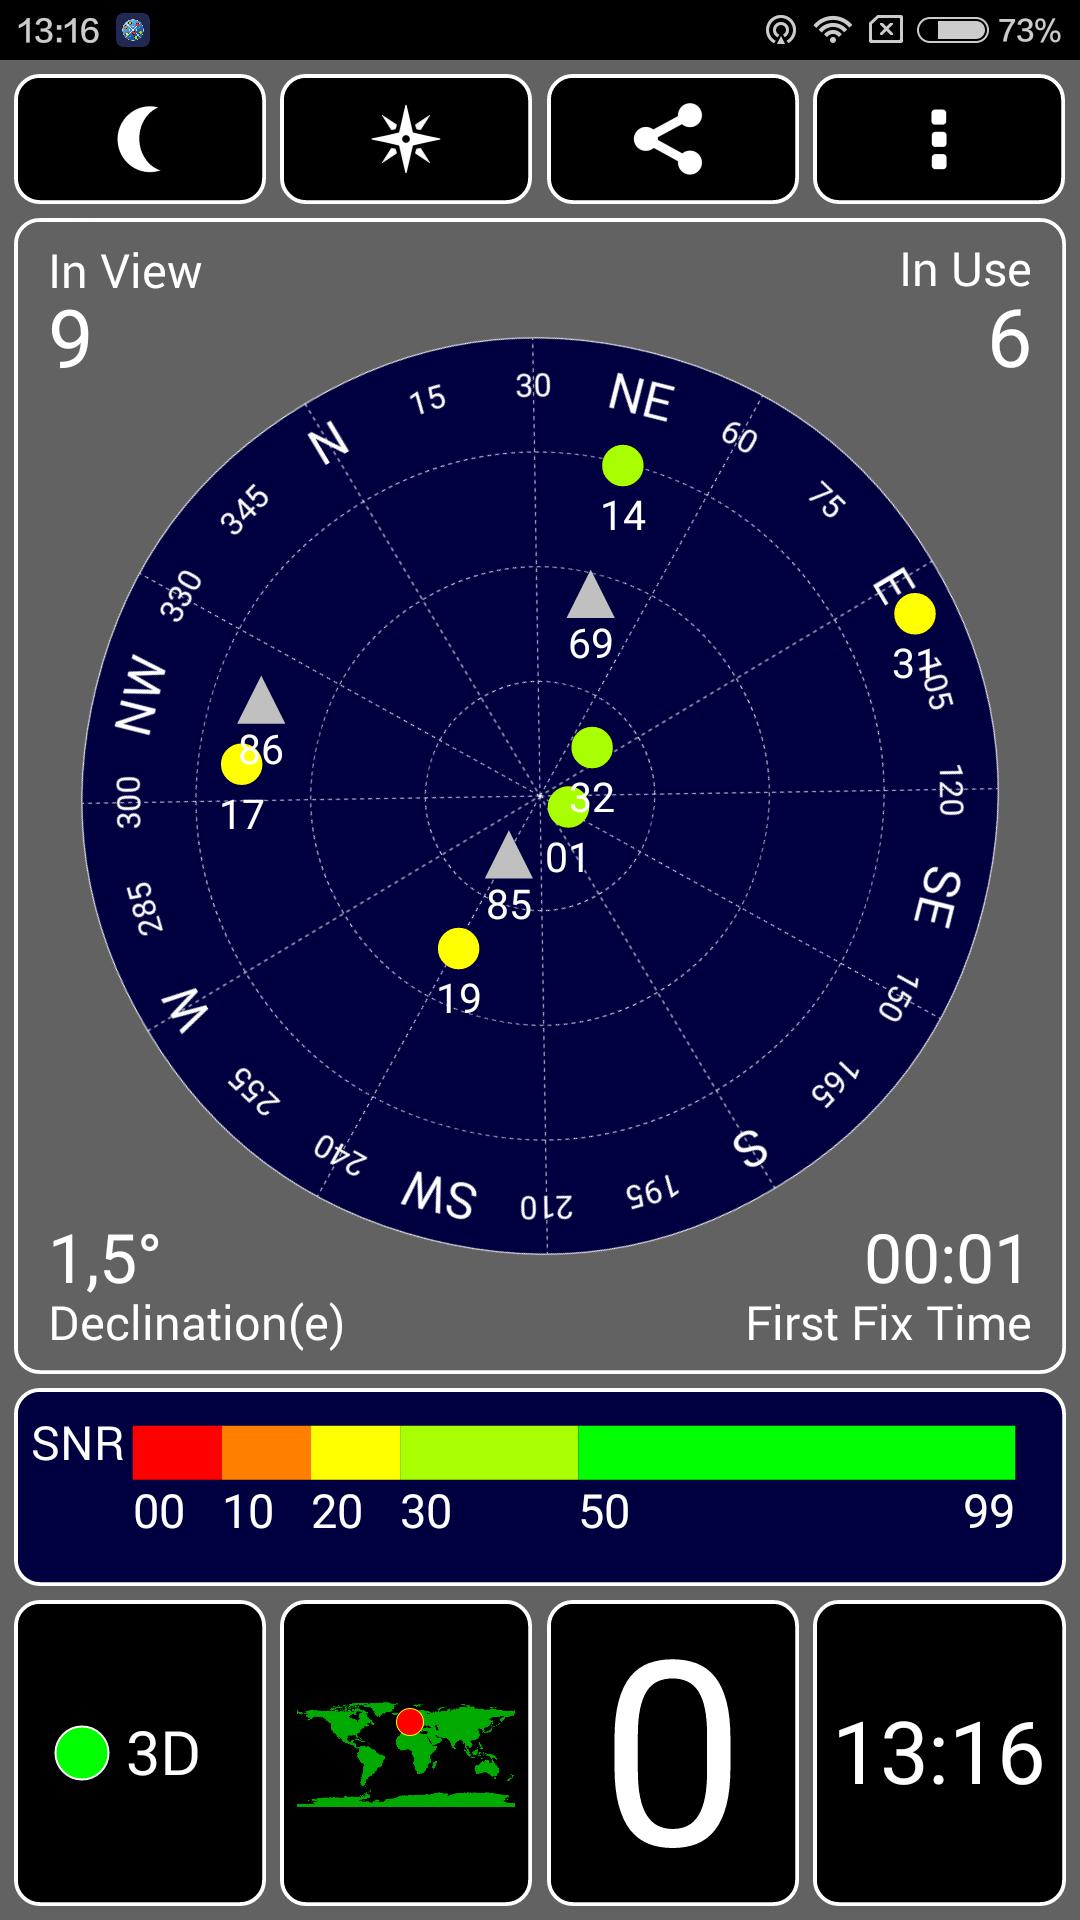 Screenshot 2015 11 15 13 16 06 com.chartcross.gpstest